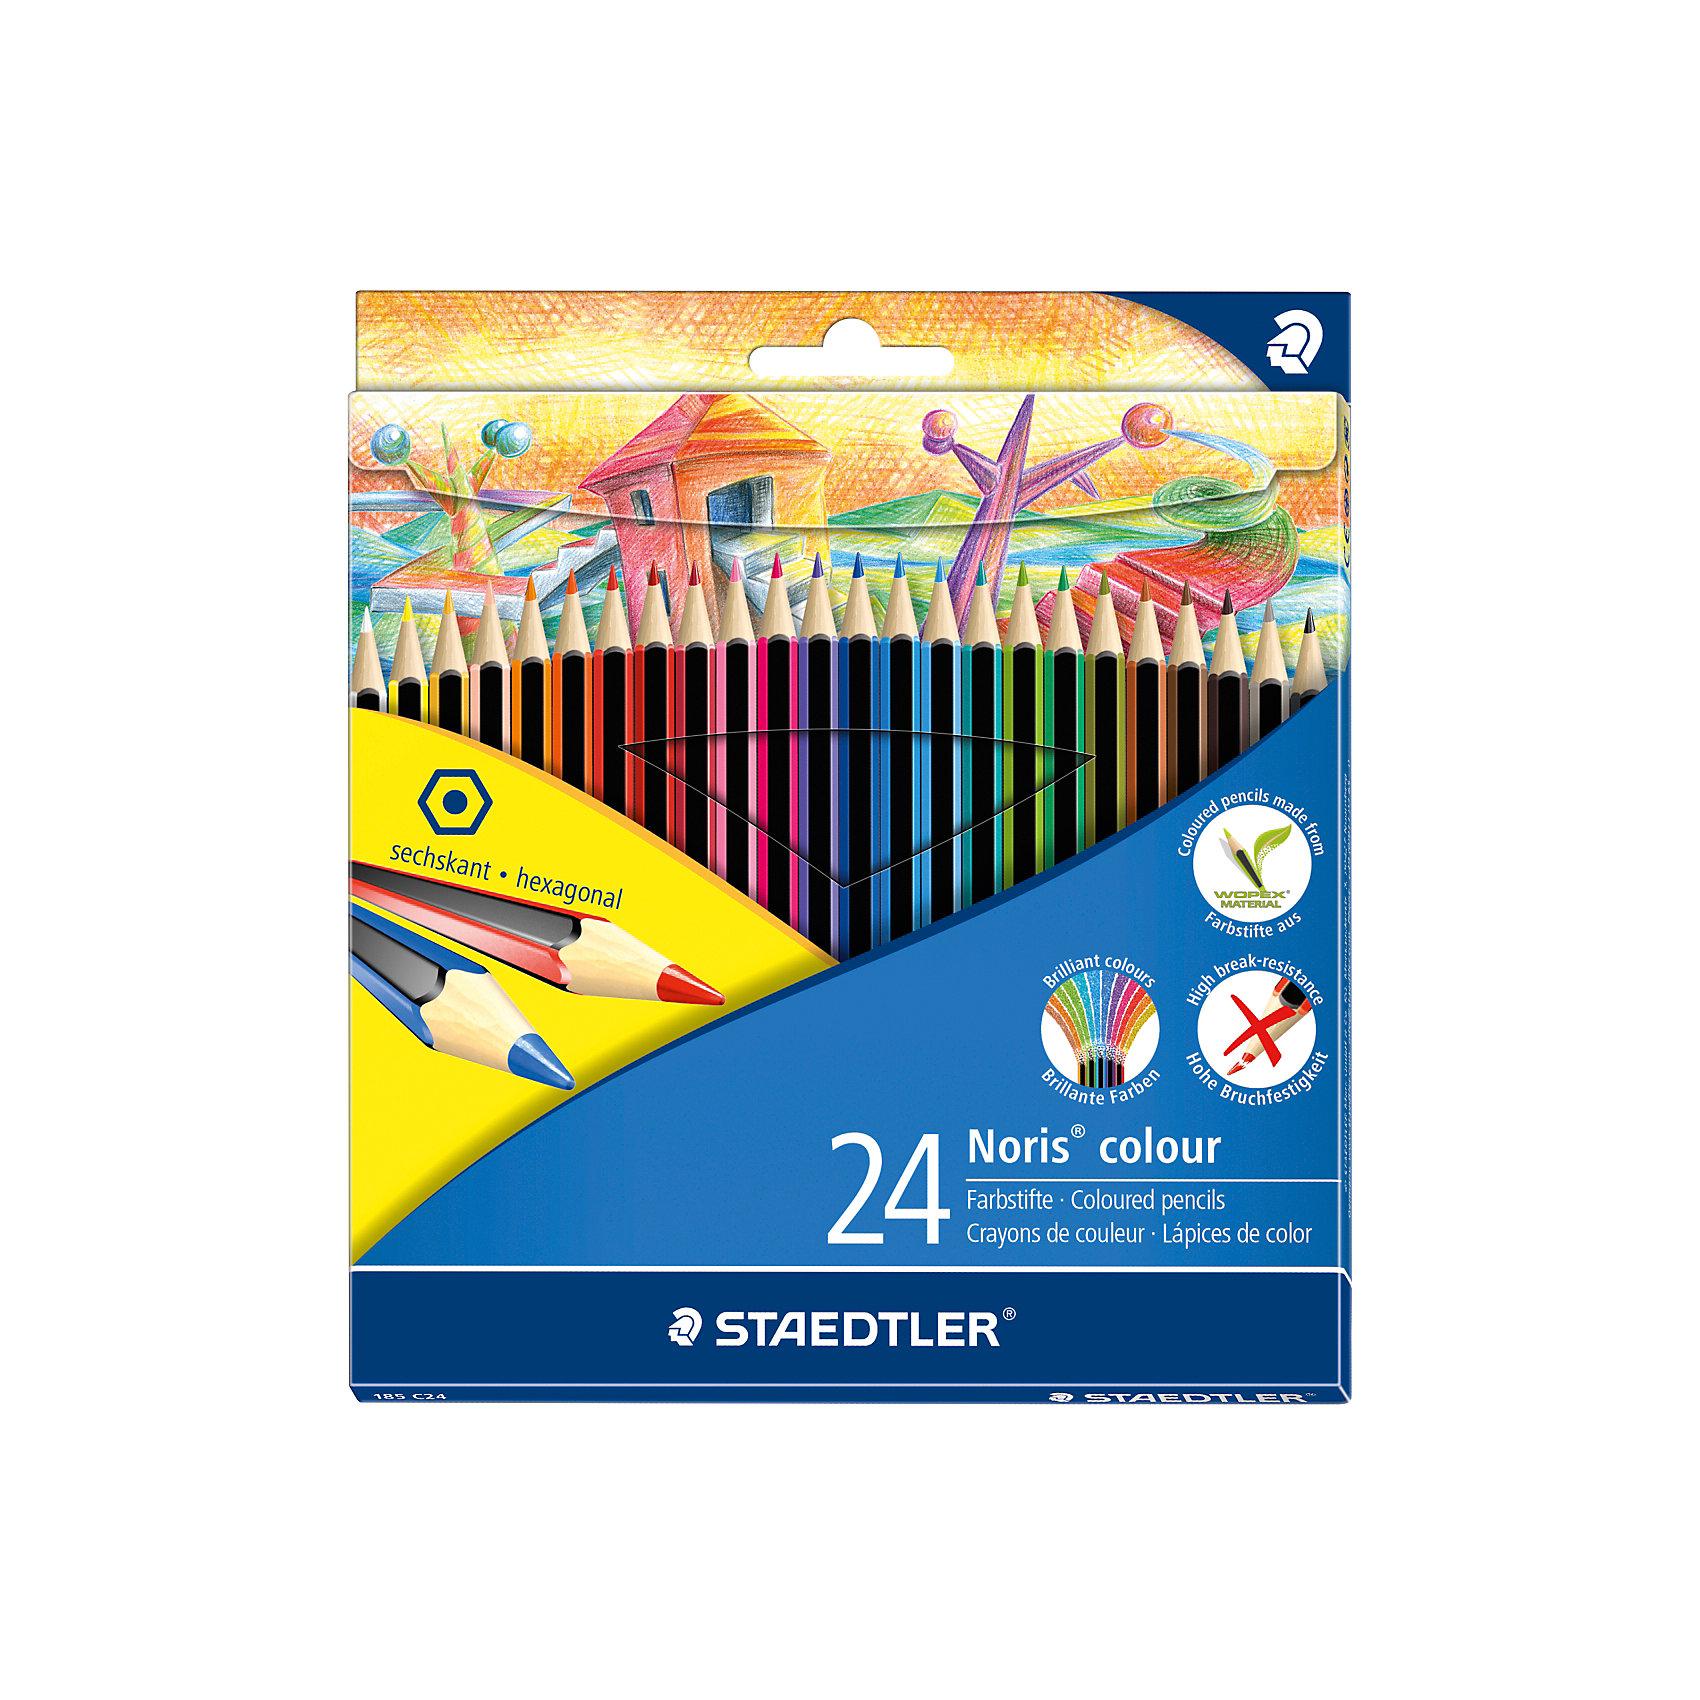 Карандаш цветные Noris Colour, 24 цвПисьменные принадлежности<br>Новые цветные карандаши  Noris Color 185 из инновационного материала Wopex.<br> Сделаны из нового природного волокнистого материала: 70% древесины+пластиковый композит. <br>Высокое качество письма, рисования, эскизов. Нескользящая, бархатистая поверхность; особенно ударопрочный корпус и грифель;<br> гладкое письмо. Инновационный, однородный материал Wopex <br>обеспечивает исключительно гладкую и ровную заточку с любым качеством точилки. <br>Текст и рисунки легко стереть. Упаковка - 24 цвета.<br><br>Ширина мм: 197<br>Глубина мм: 175<br>Высота мм: 9<br>Вес г: 244<br>Возраст от месяцев: 60<br>Возраст до месяцев: 168<br>Пол: Унисекс<br>Возраст: Детский<br>SKU: 4918516